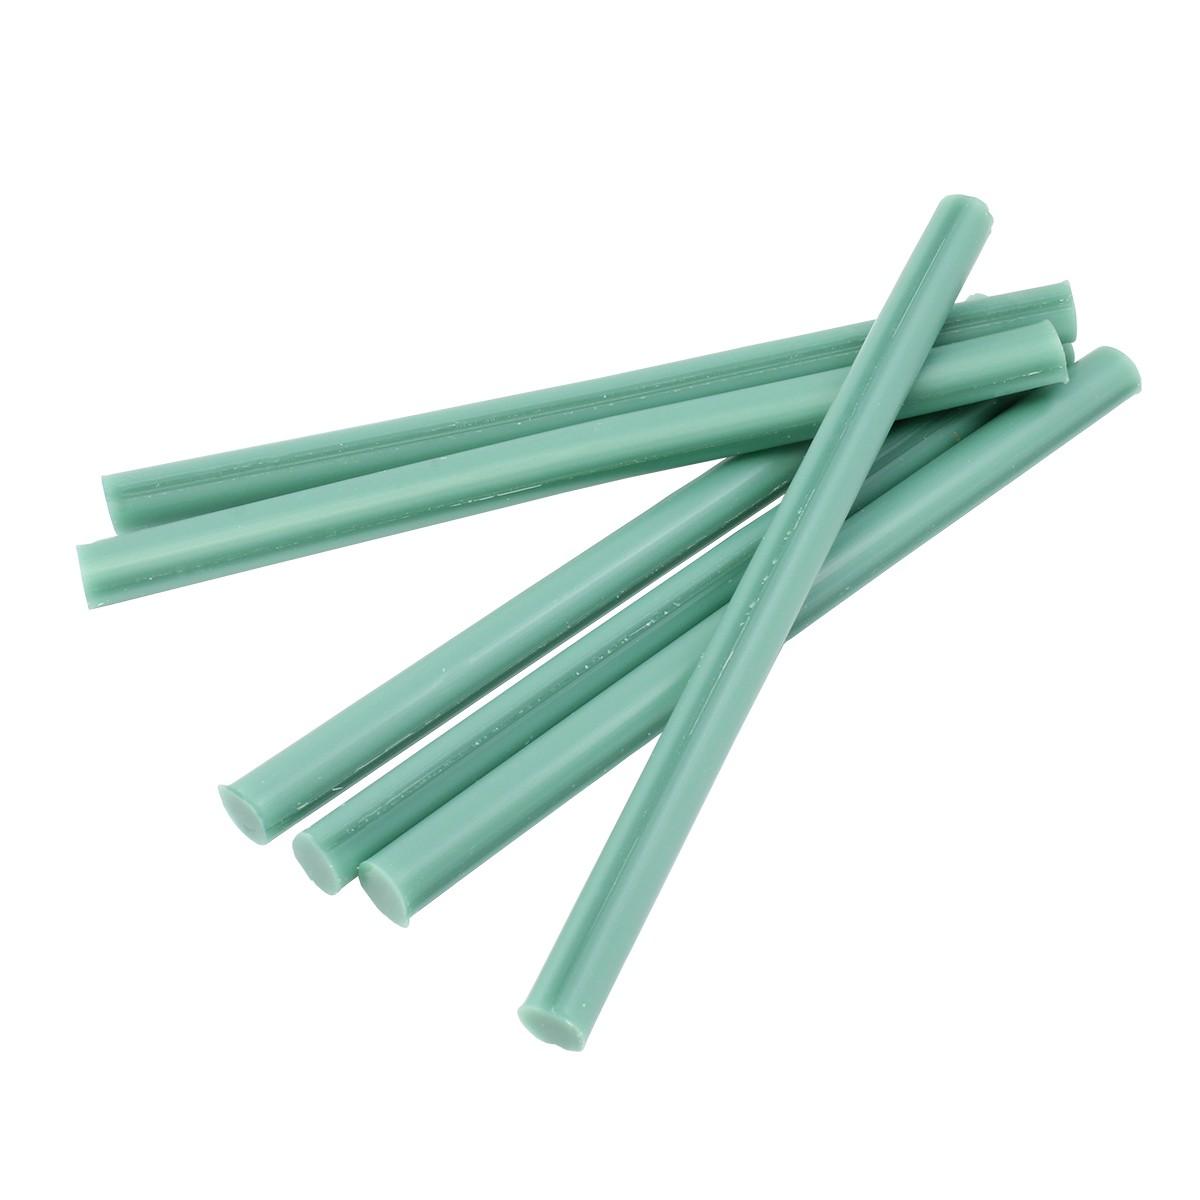 Wax Sprue Rods - Light Green - 42 per lb - Super Stiff